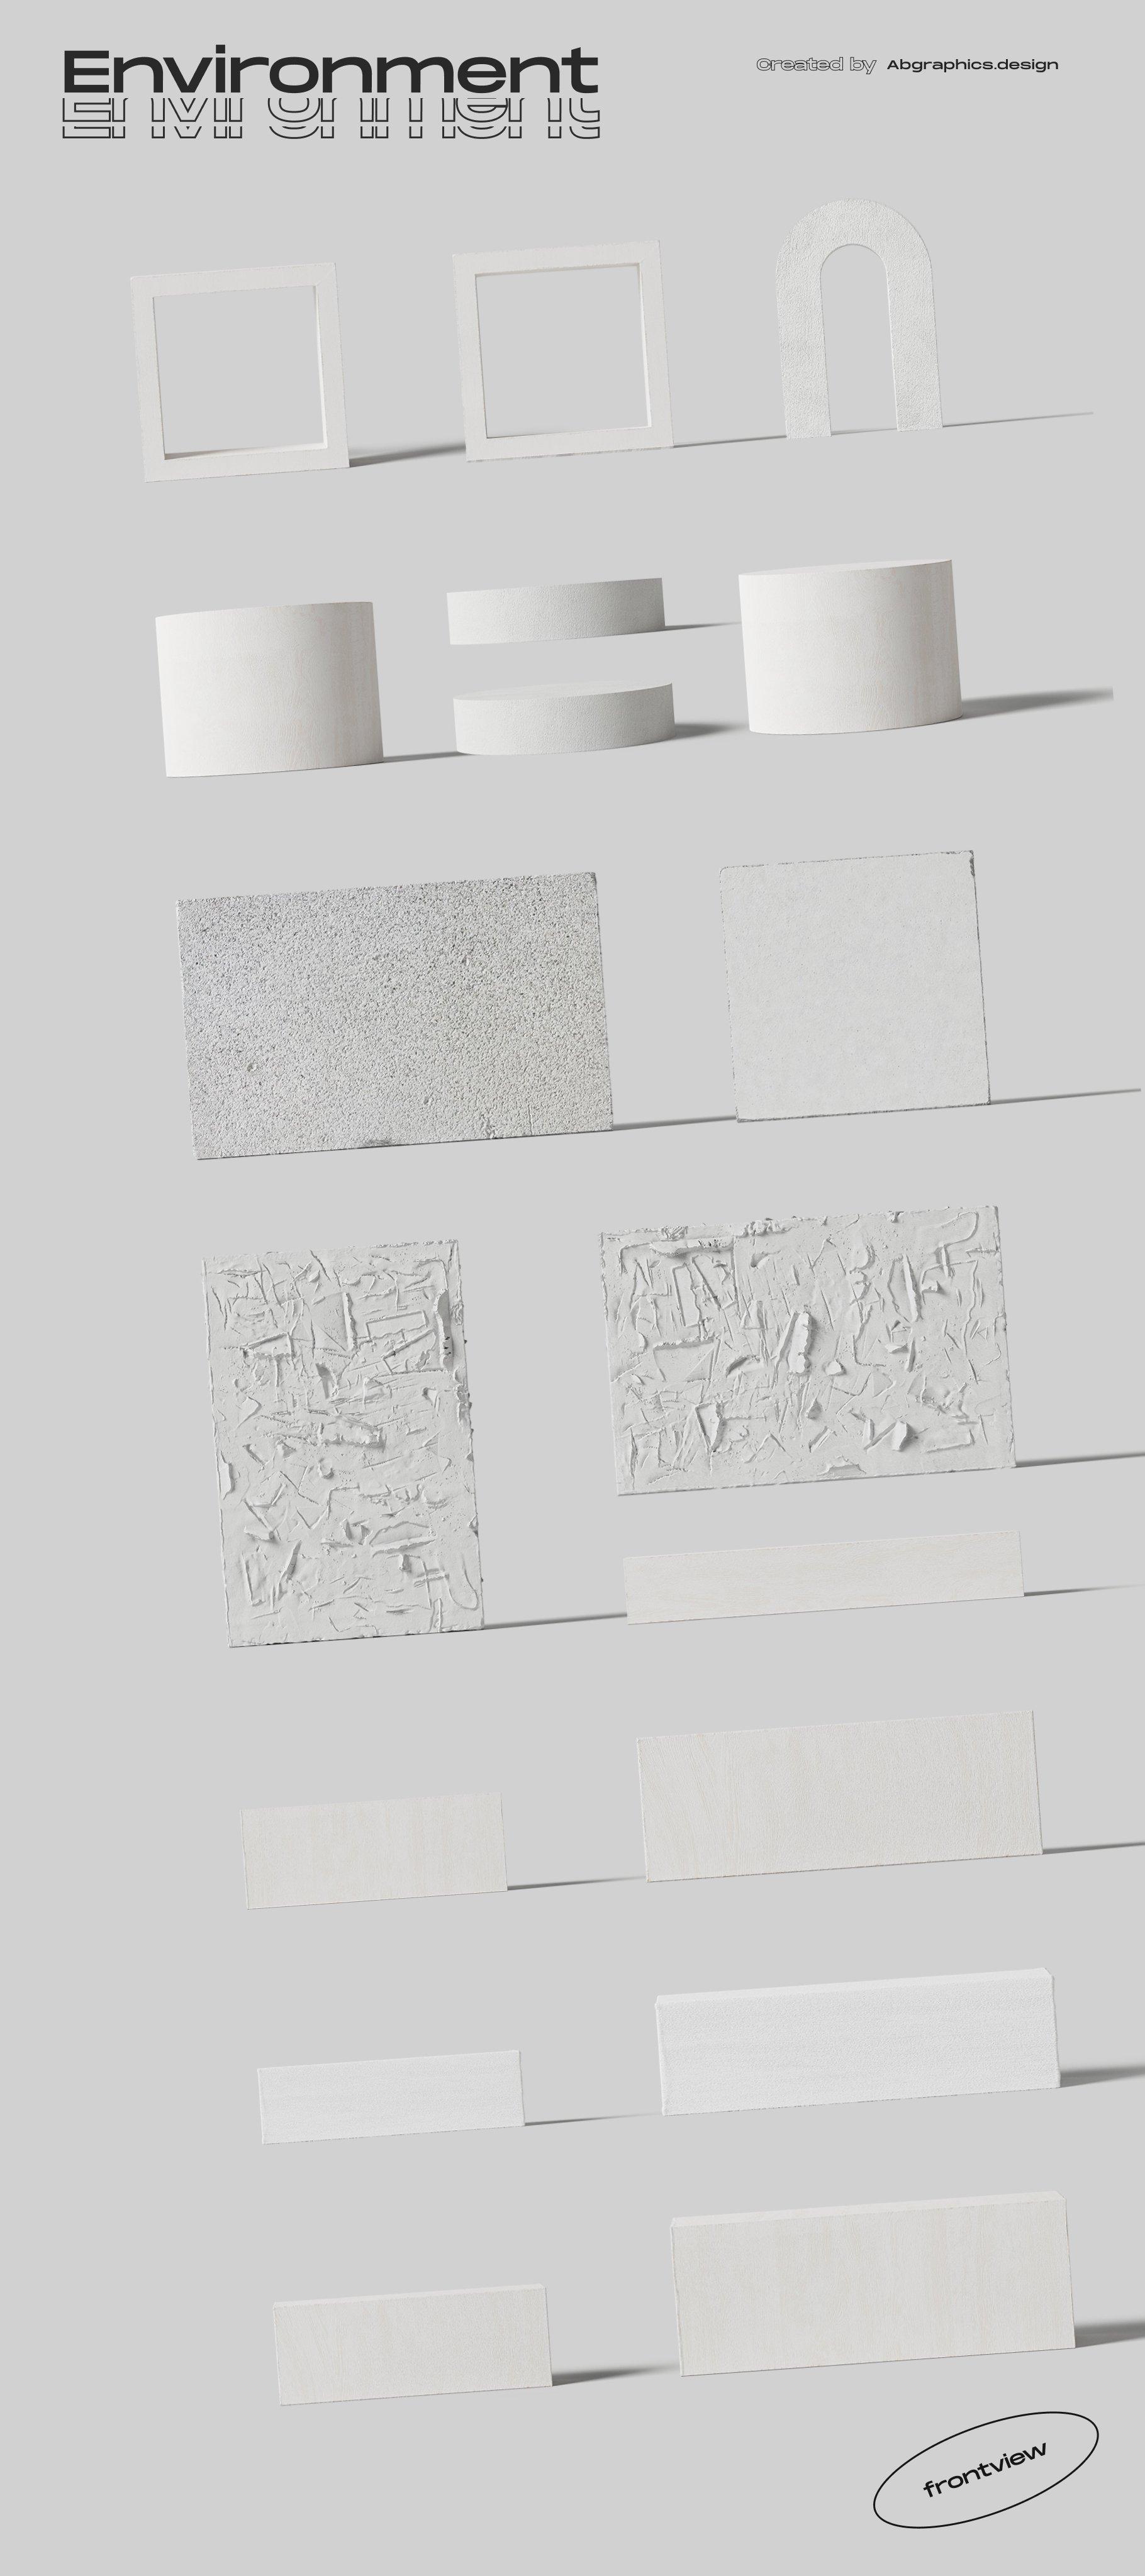 [淘宝购买] 超大品牌VI包装设计PS智能贴图样机模板素材 The Scene Creator 2 / Frontview插图(39)